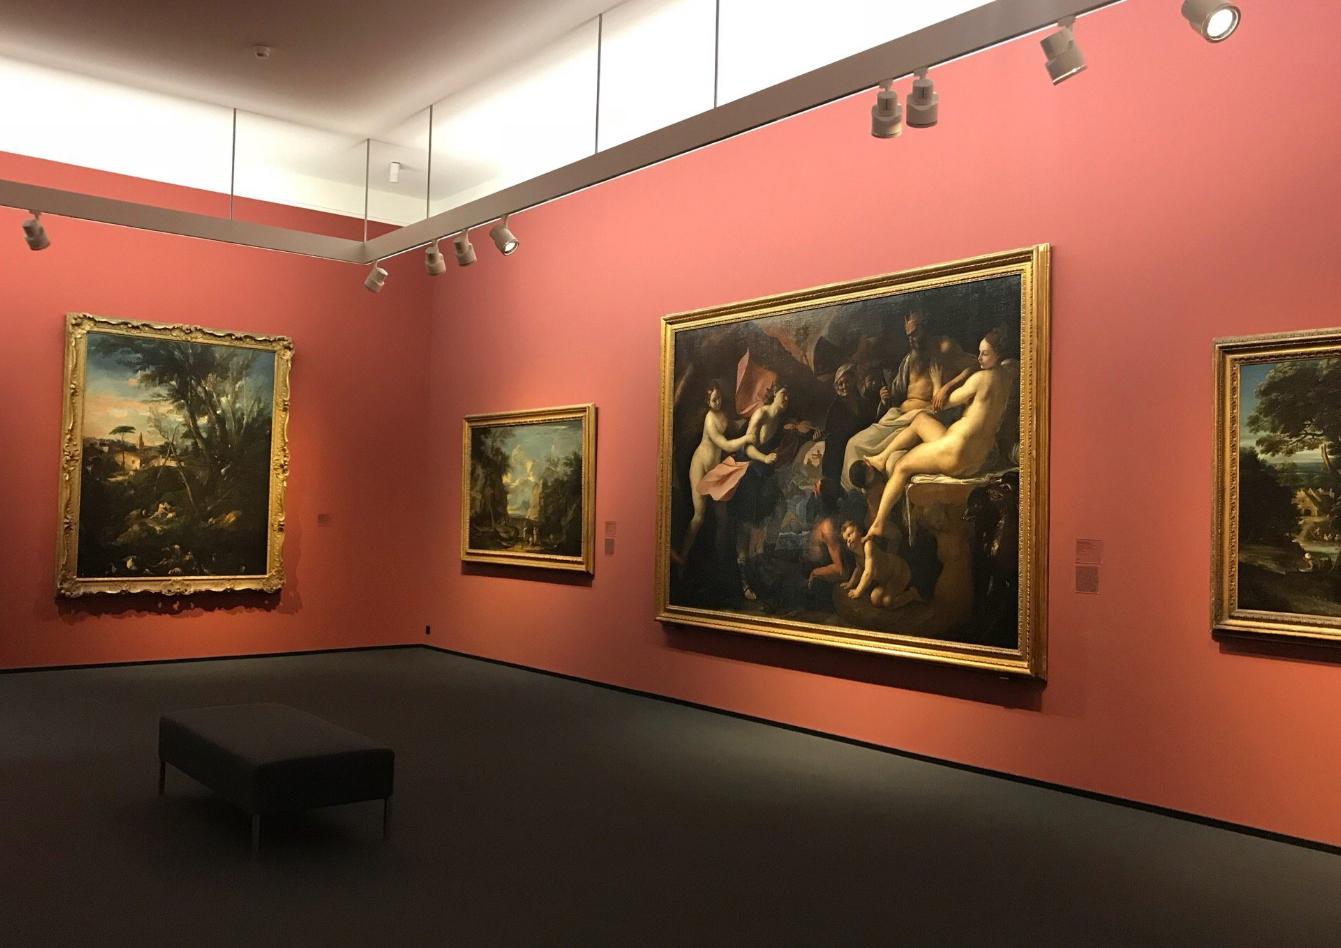 Посещение музея изобразительных искусств Цюриха